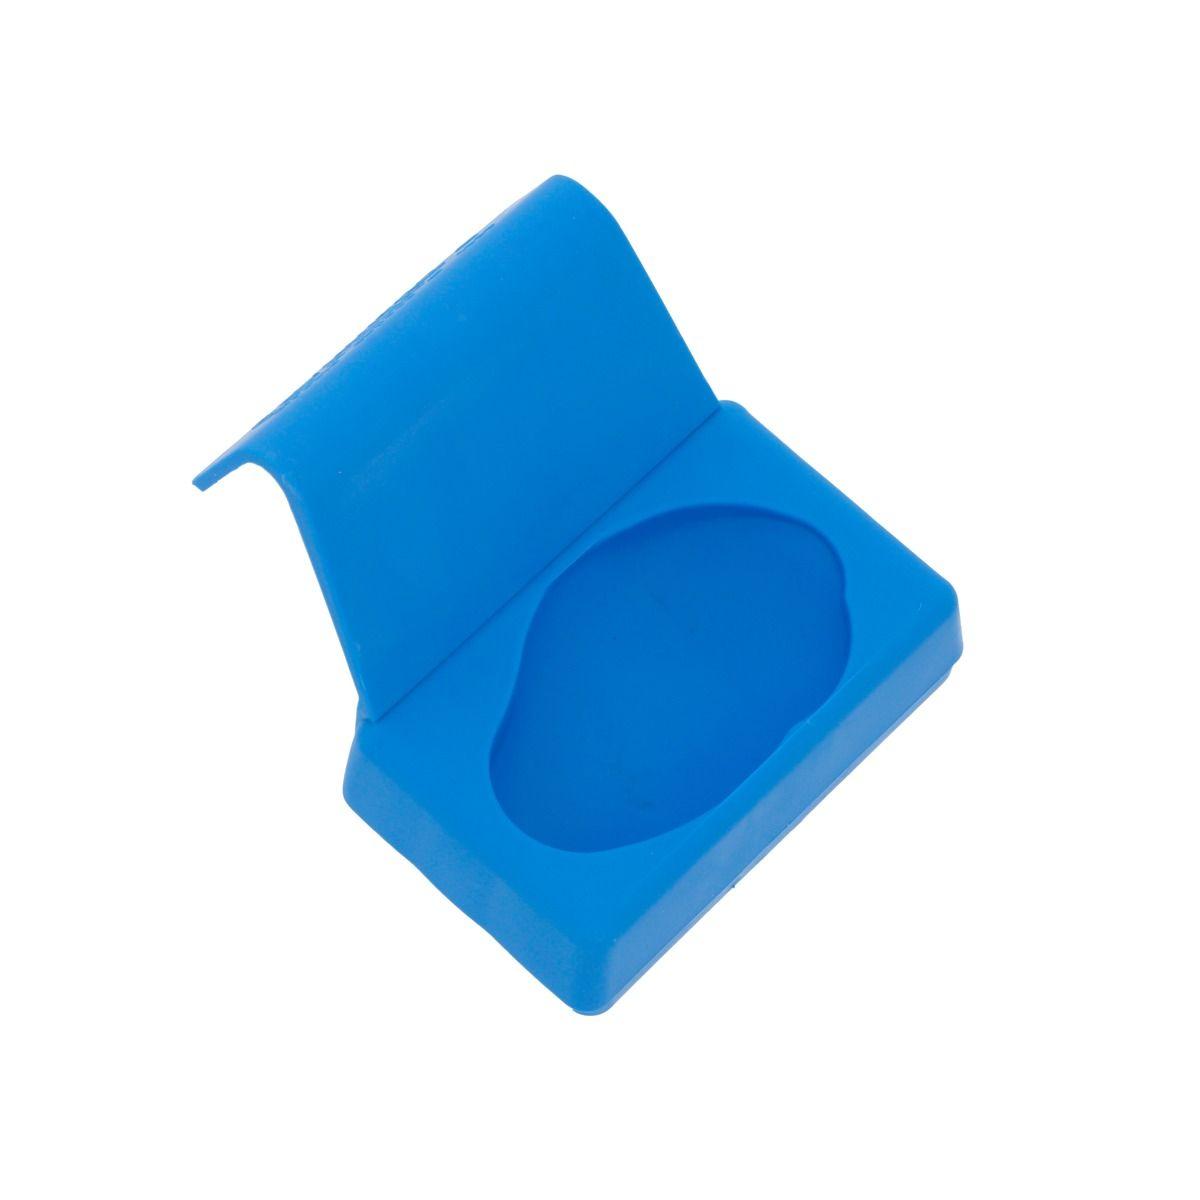 Cale huitre en plastique bleu - Jean Dubost